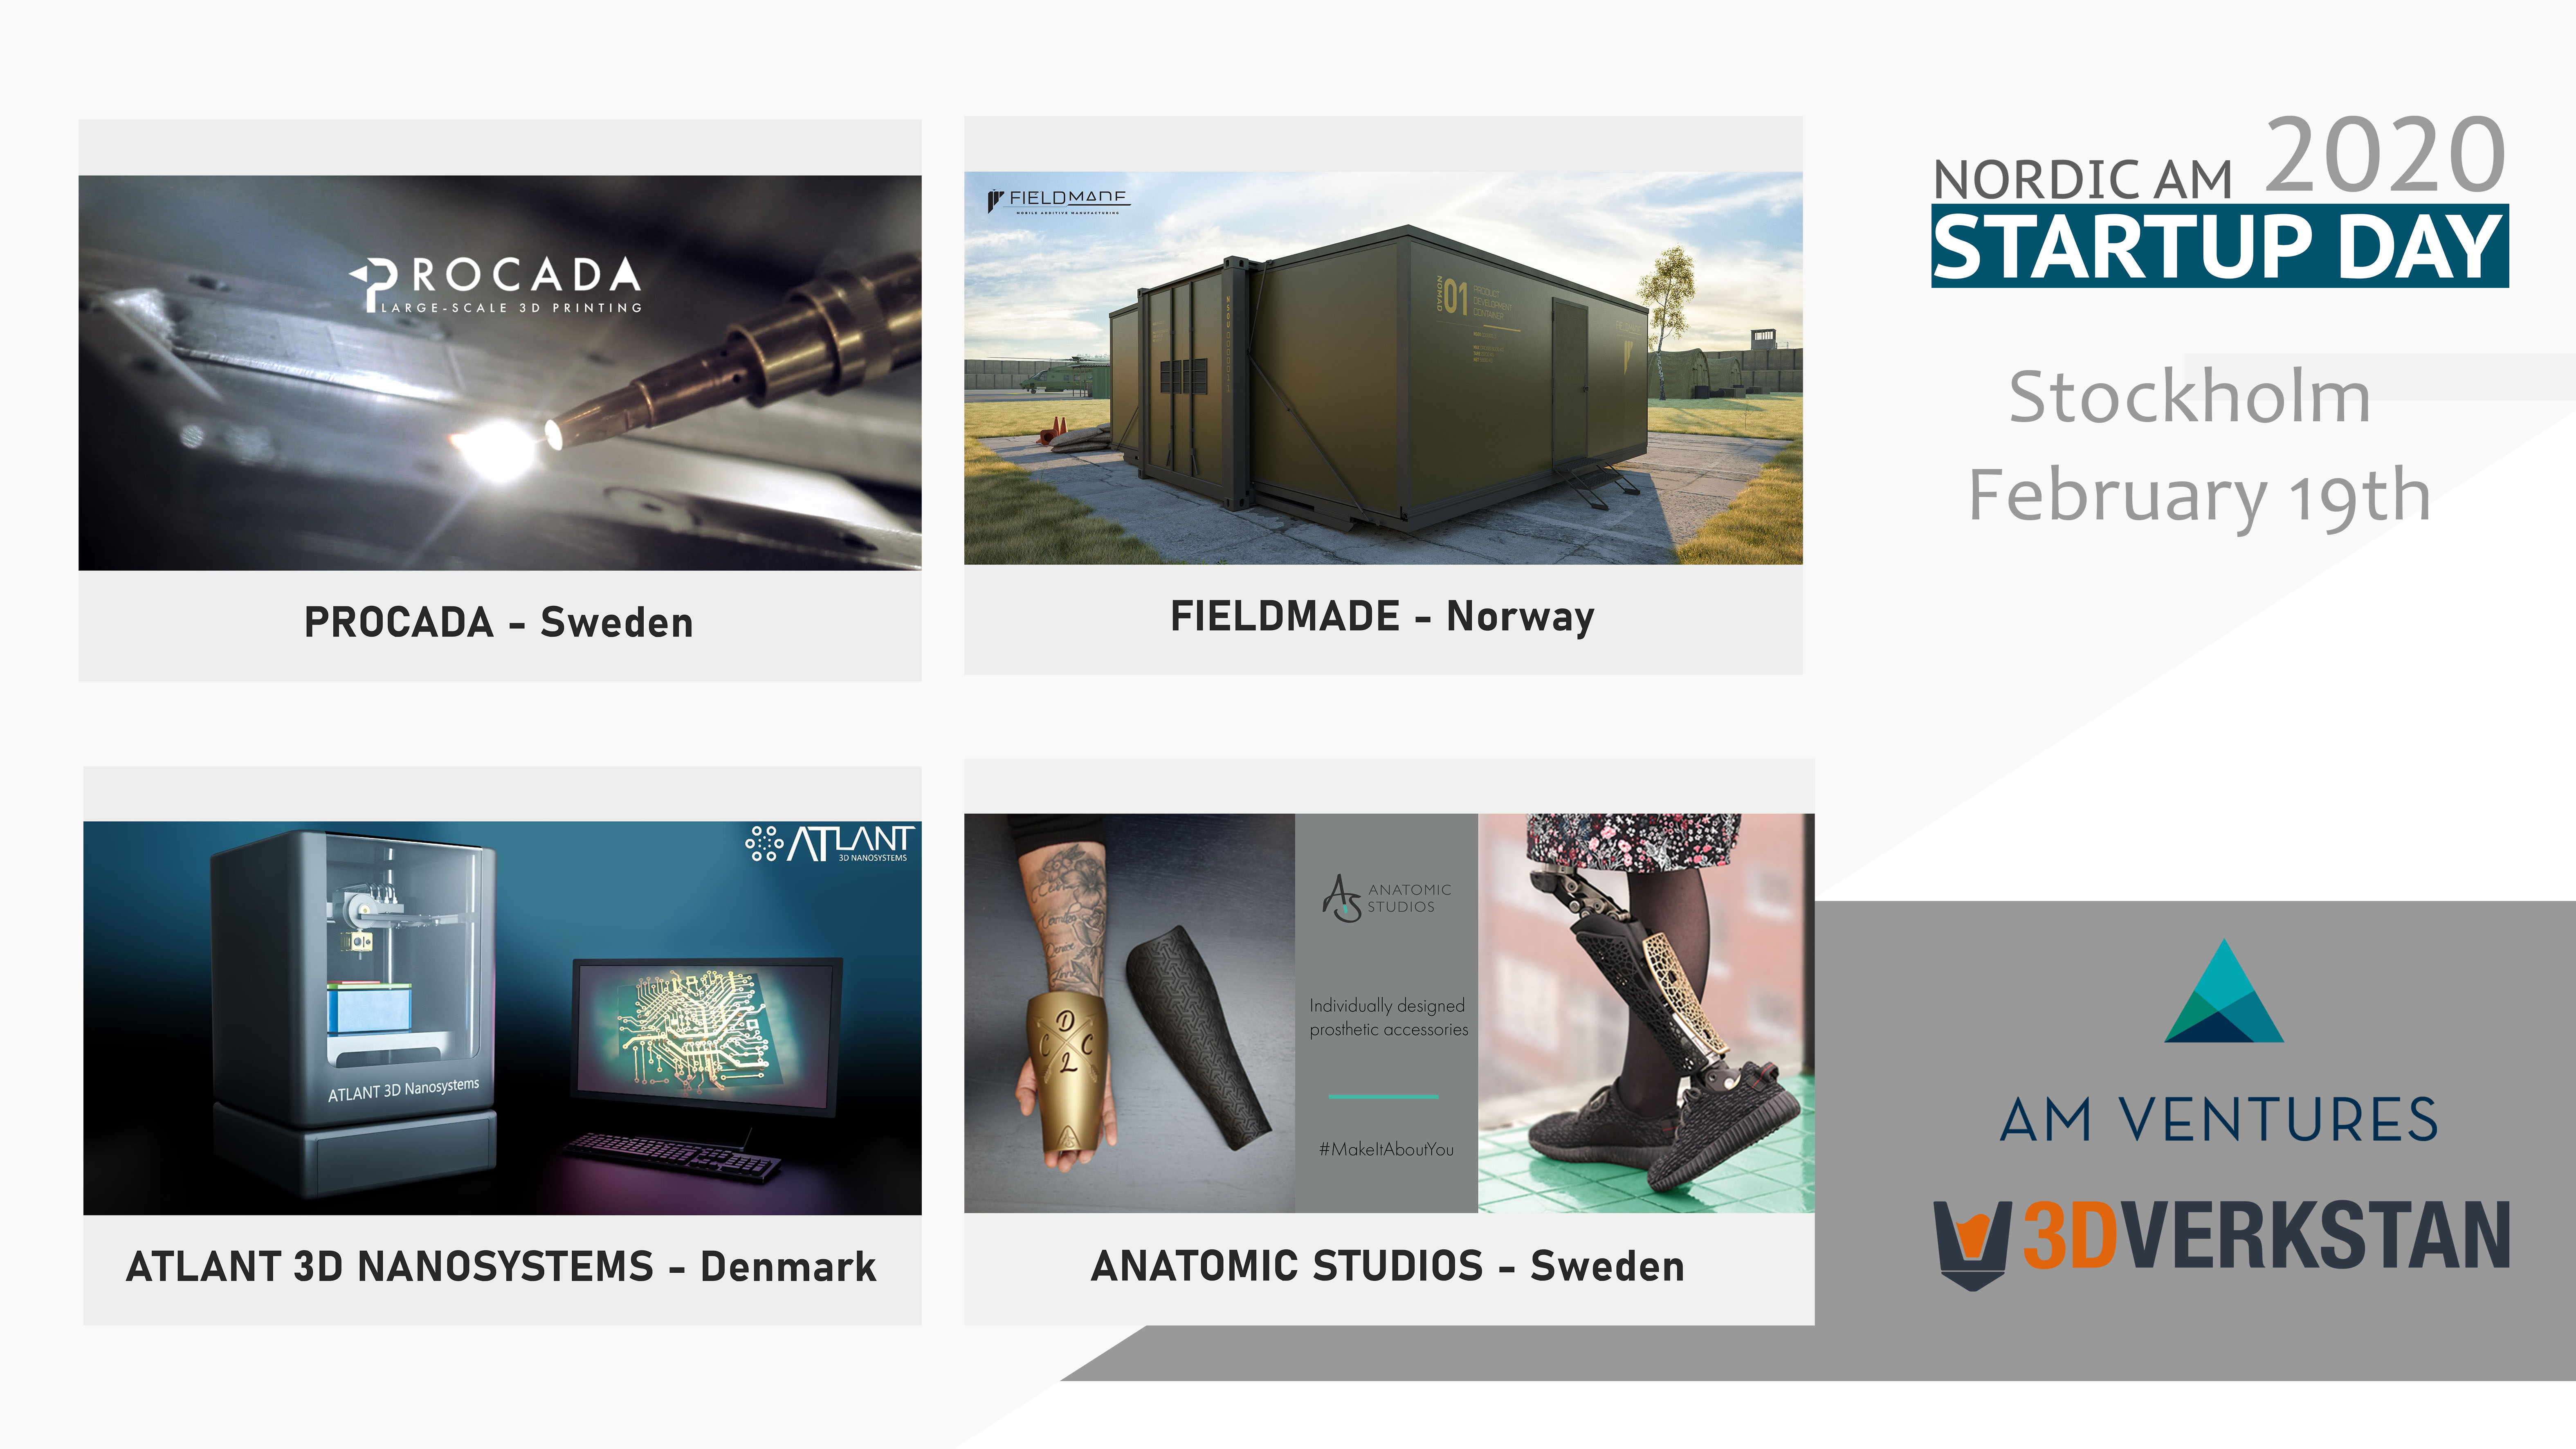 Nordic AM bild4